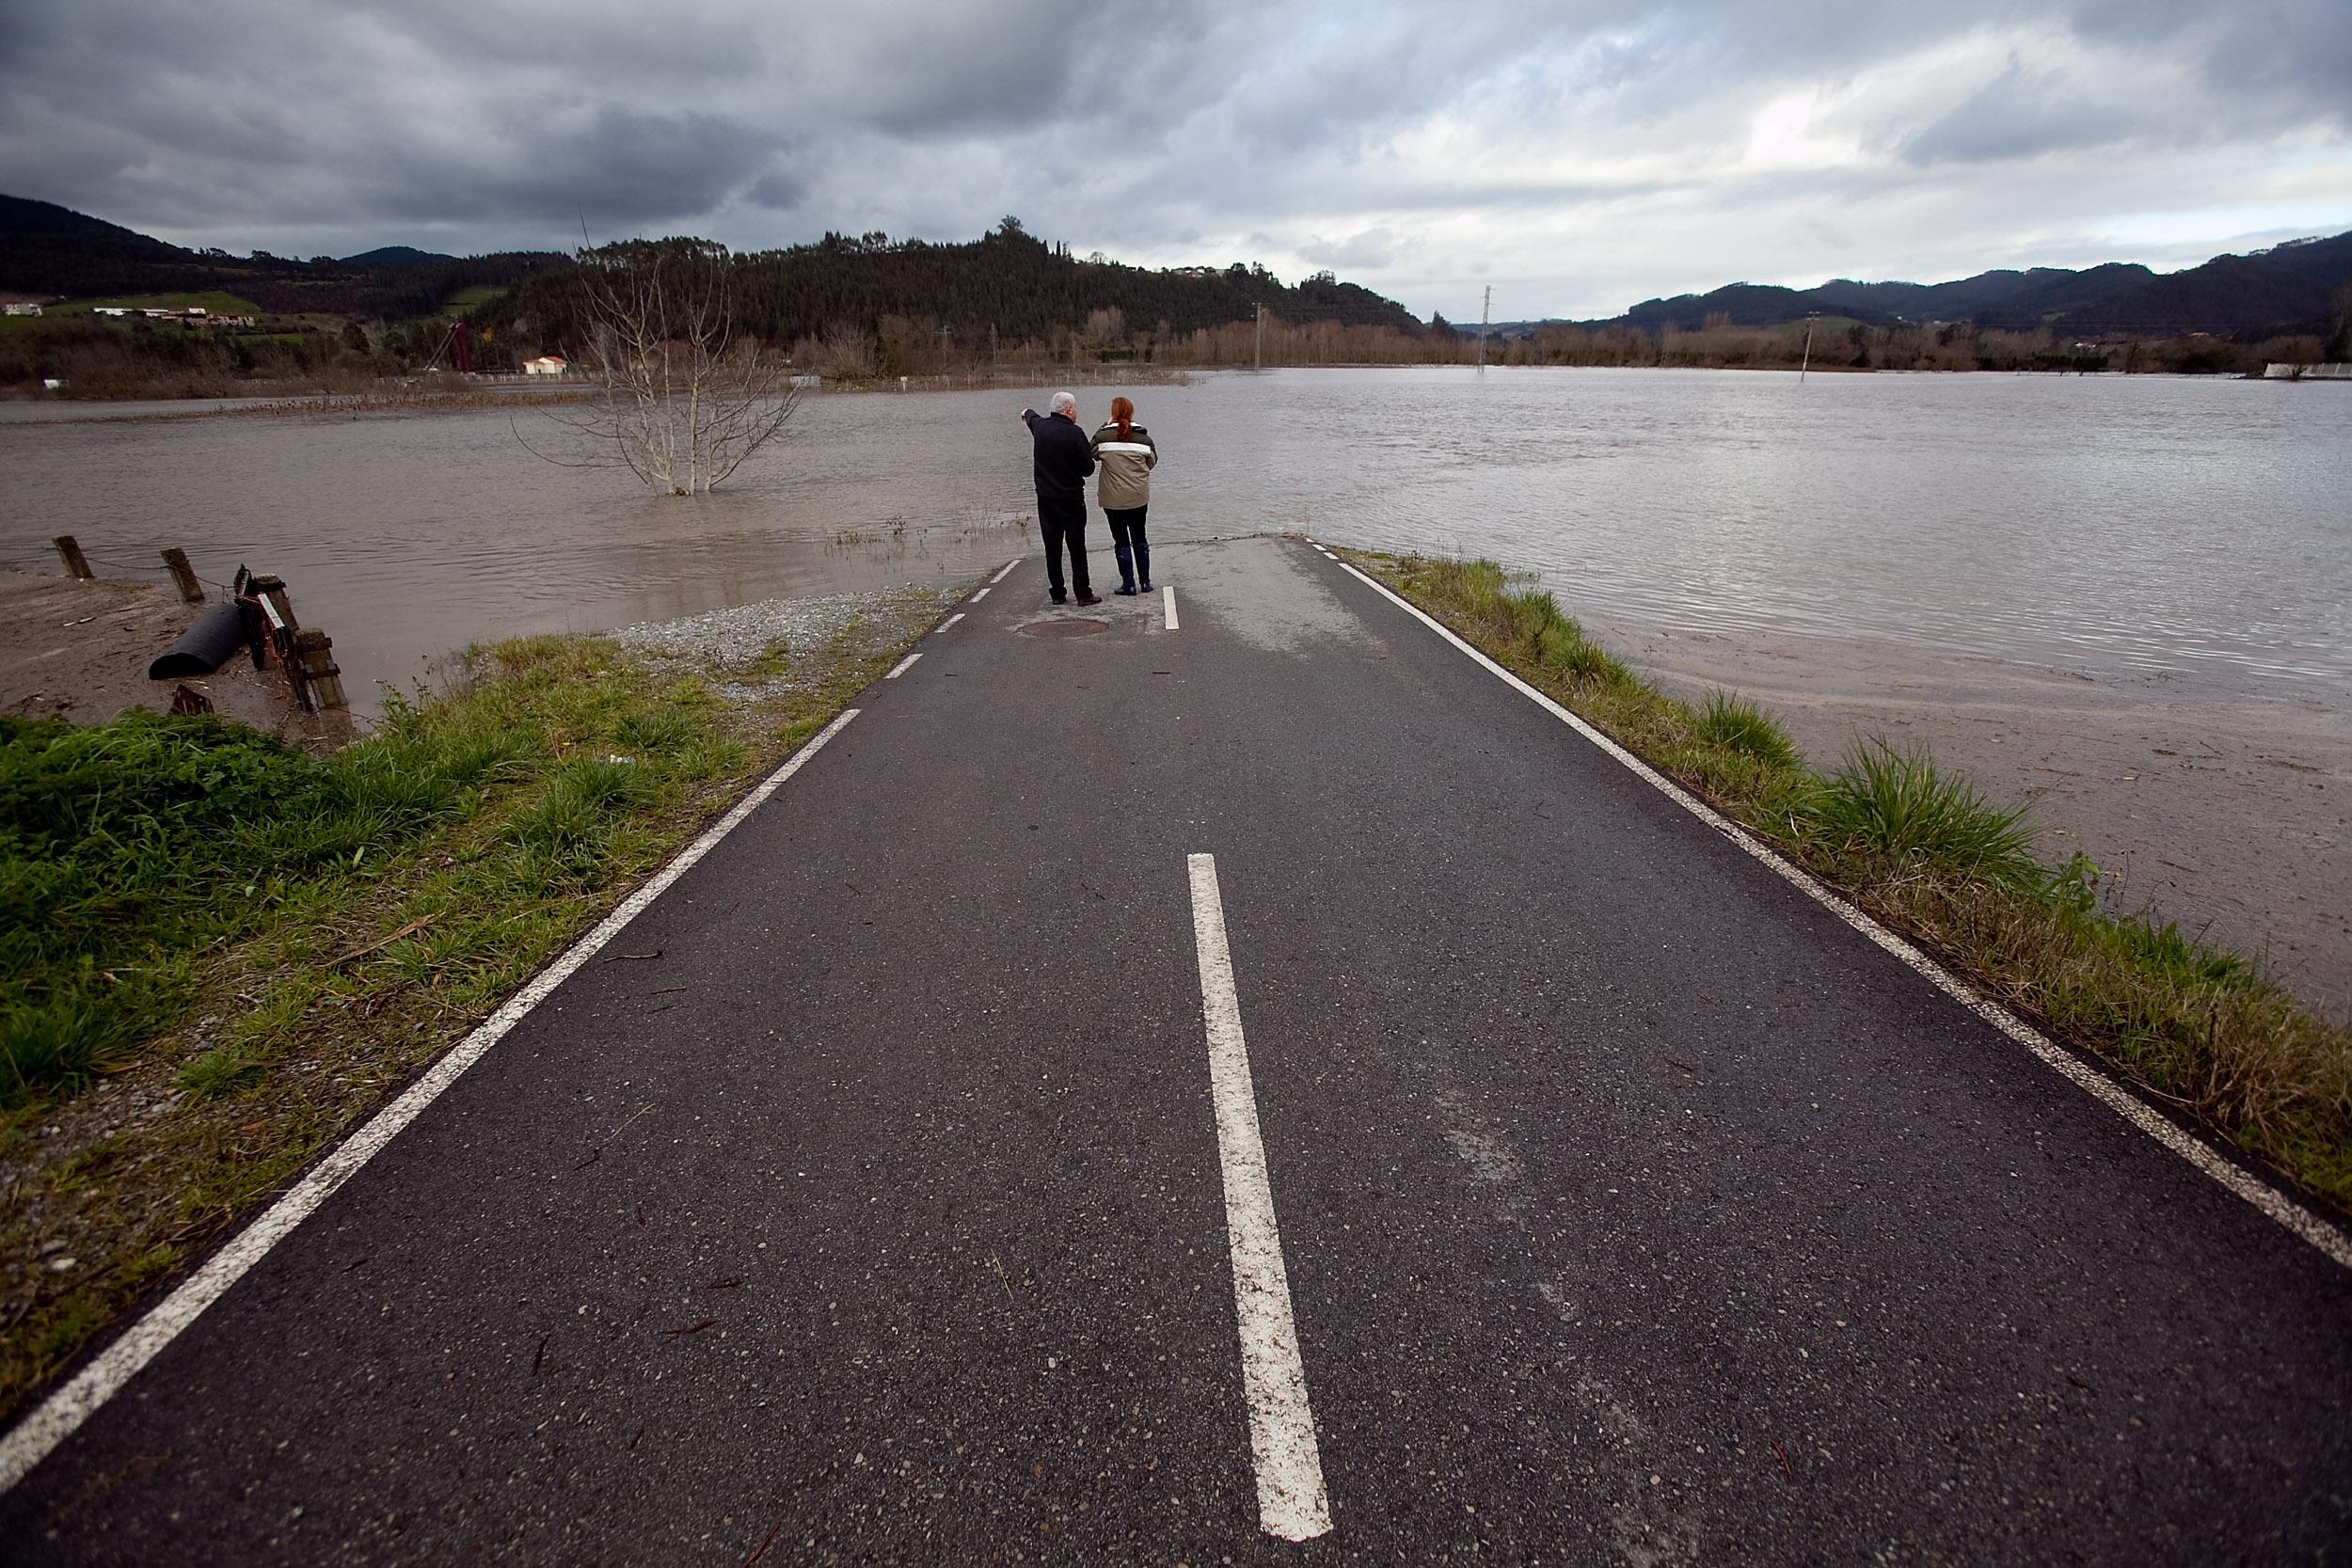 Inundaciones por lluvias en el centro de Asturias. El río Nalón desbordado en Peñaullán, Pravia, a la altura de las carreteras que se internan en la vega. 7 de febrero de 2012. © Miki López/La Nueva España